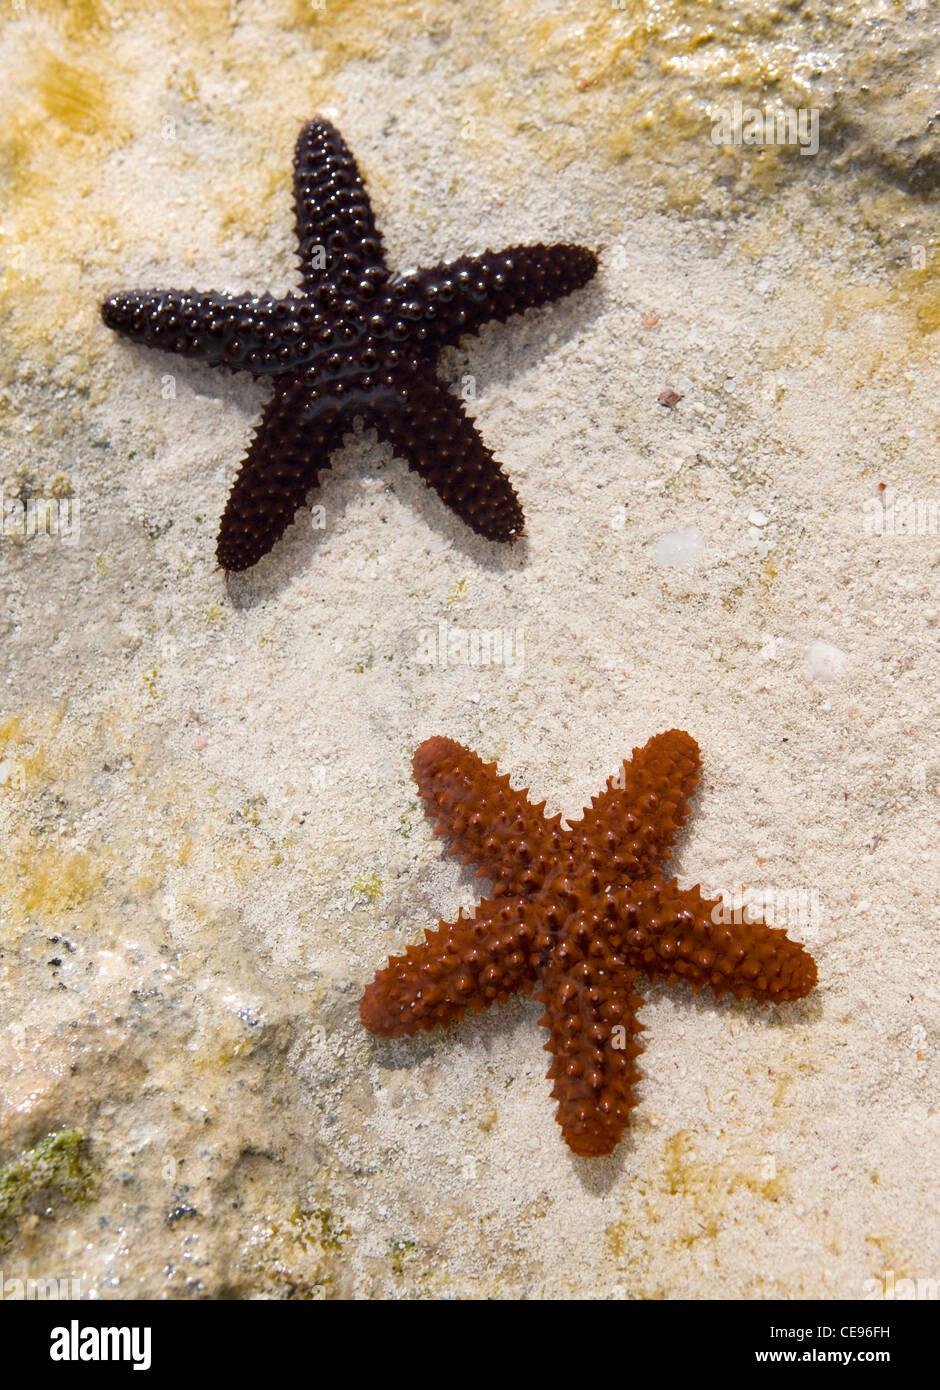 Une étoile de mer épineuse rouge et noir dans les eaux de marée dans les Bahamas. Photo Stock